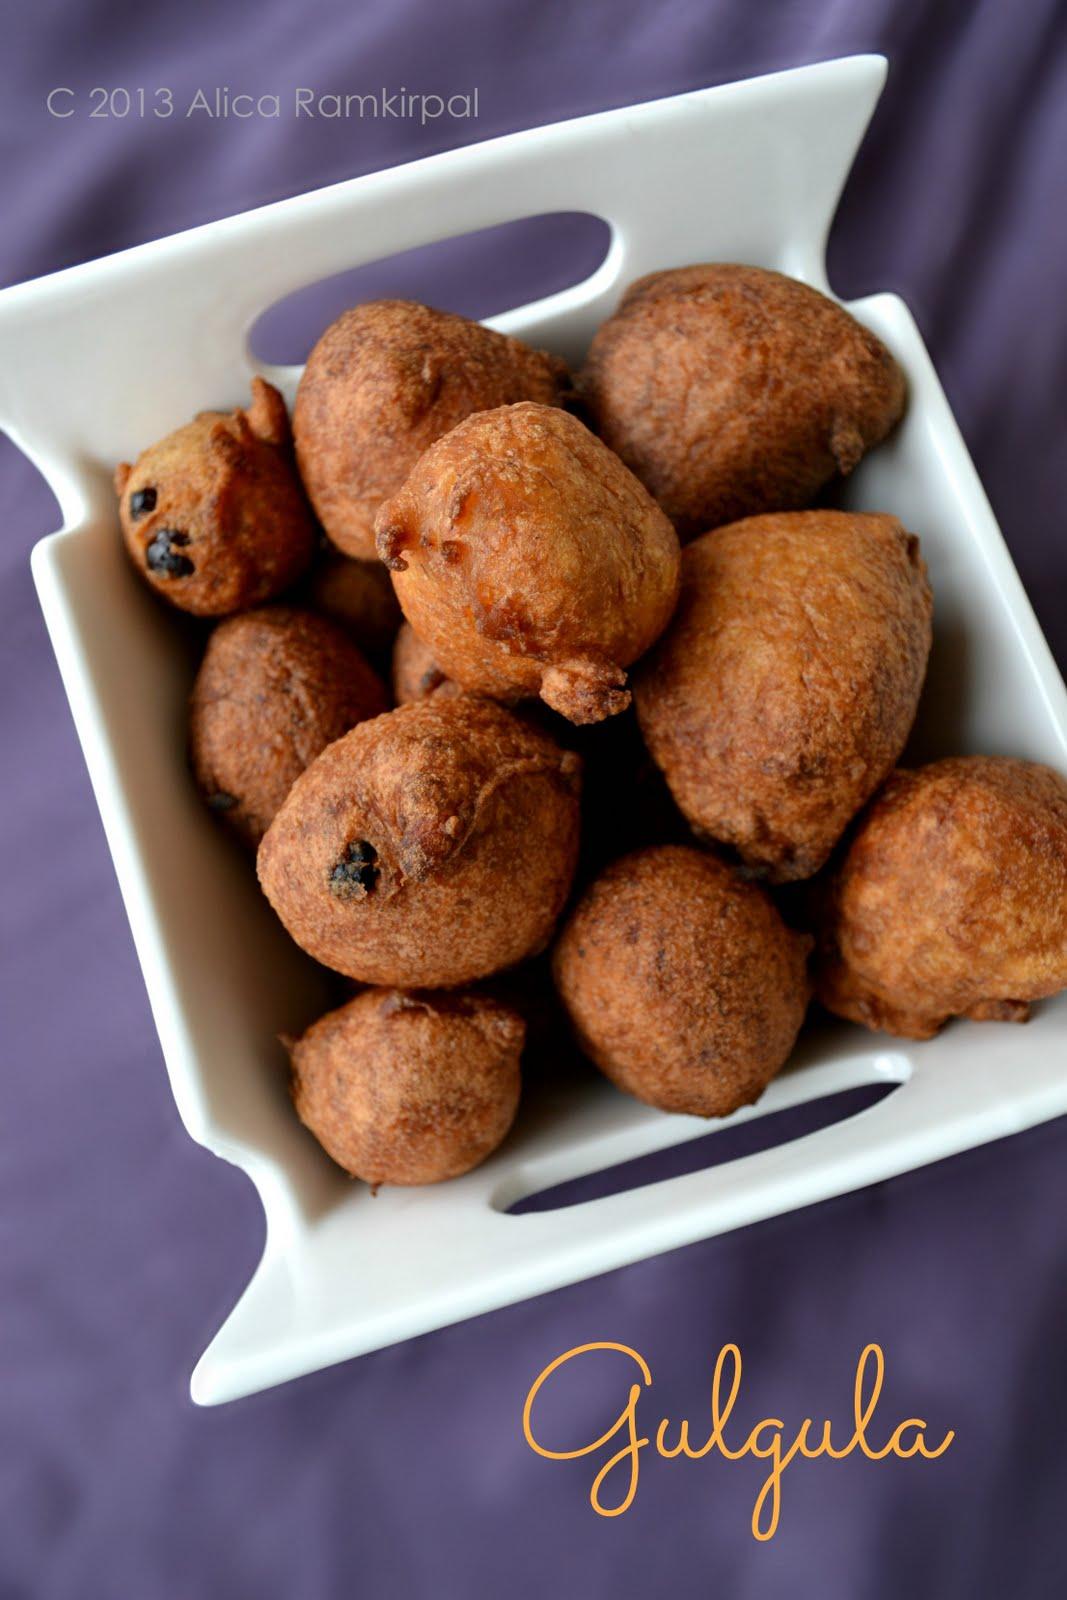 Have you tasted trinidad or tobago - 1 1